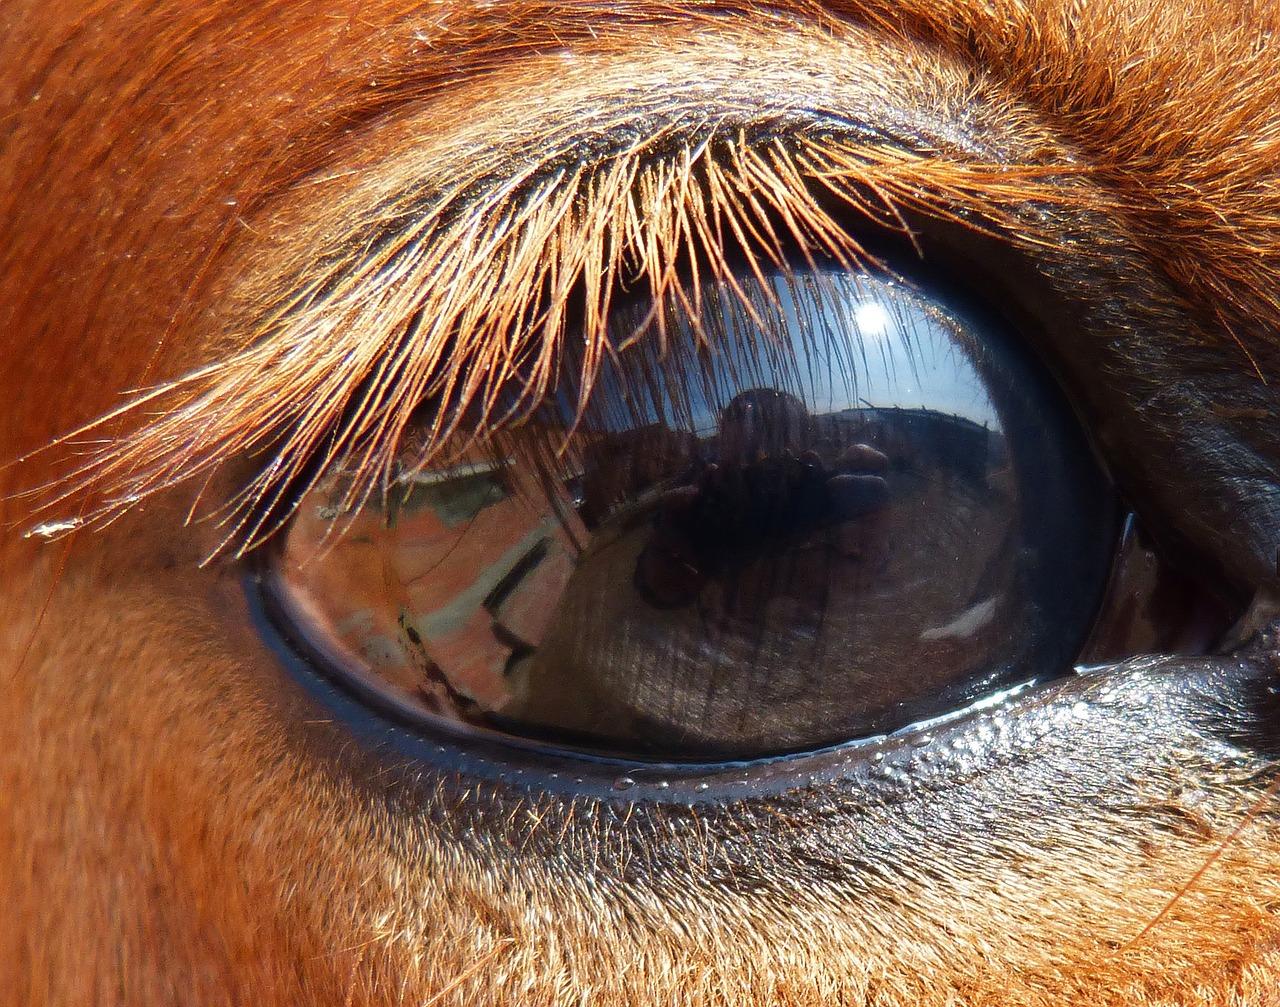 Глаза лошади, зачем их закрывают